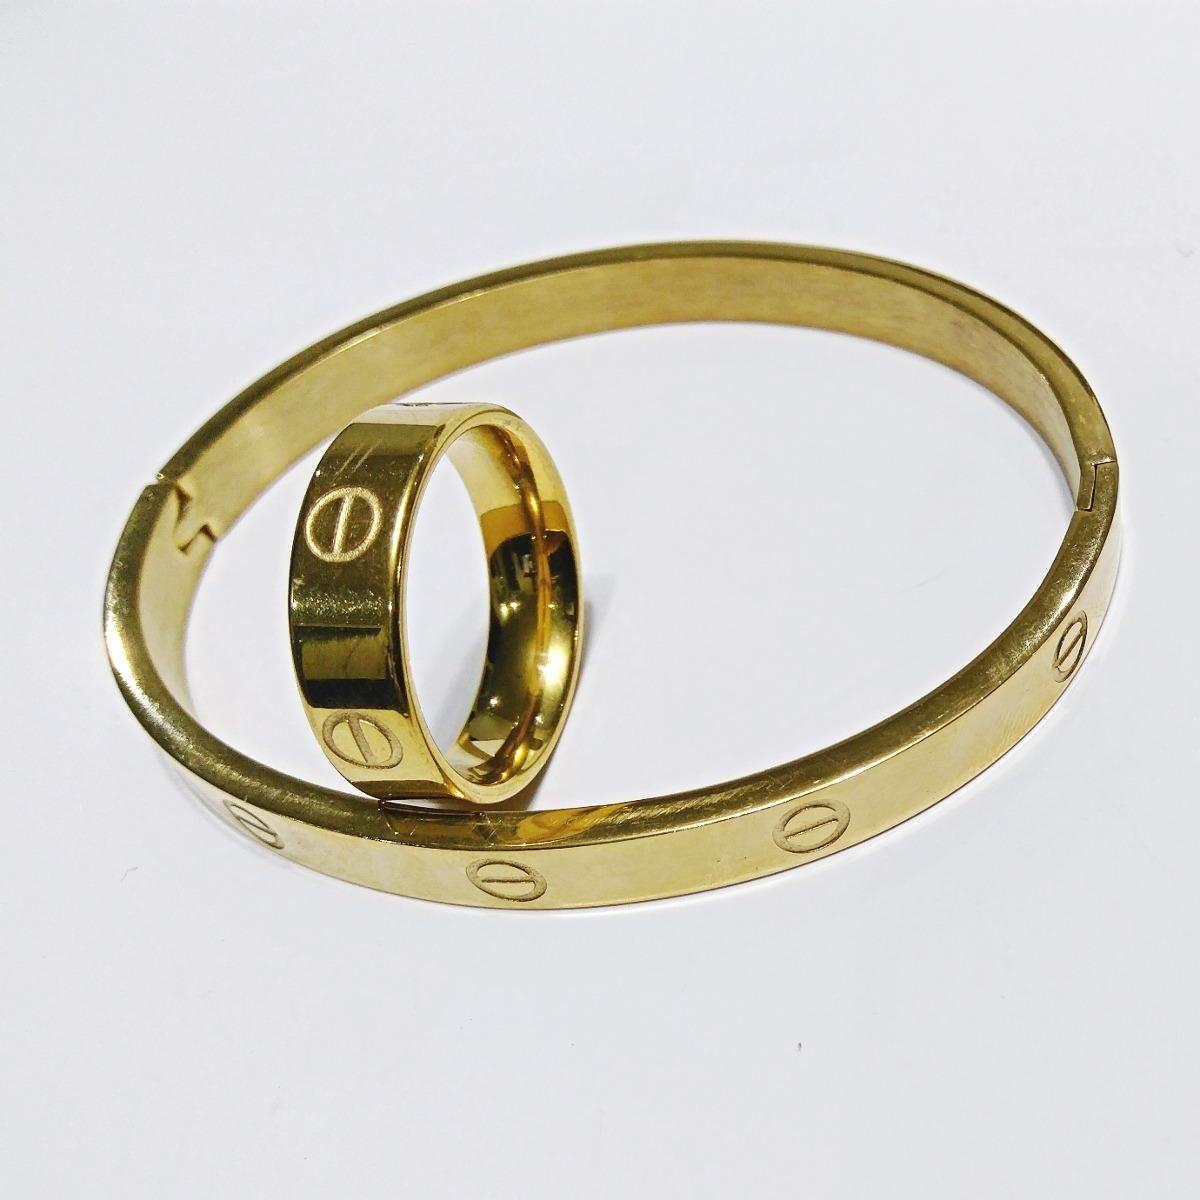 d823739eef3 pulsera y anillo cartier love oro laminado 24k envío gratis. Cargando zoom.